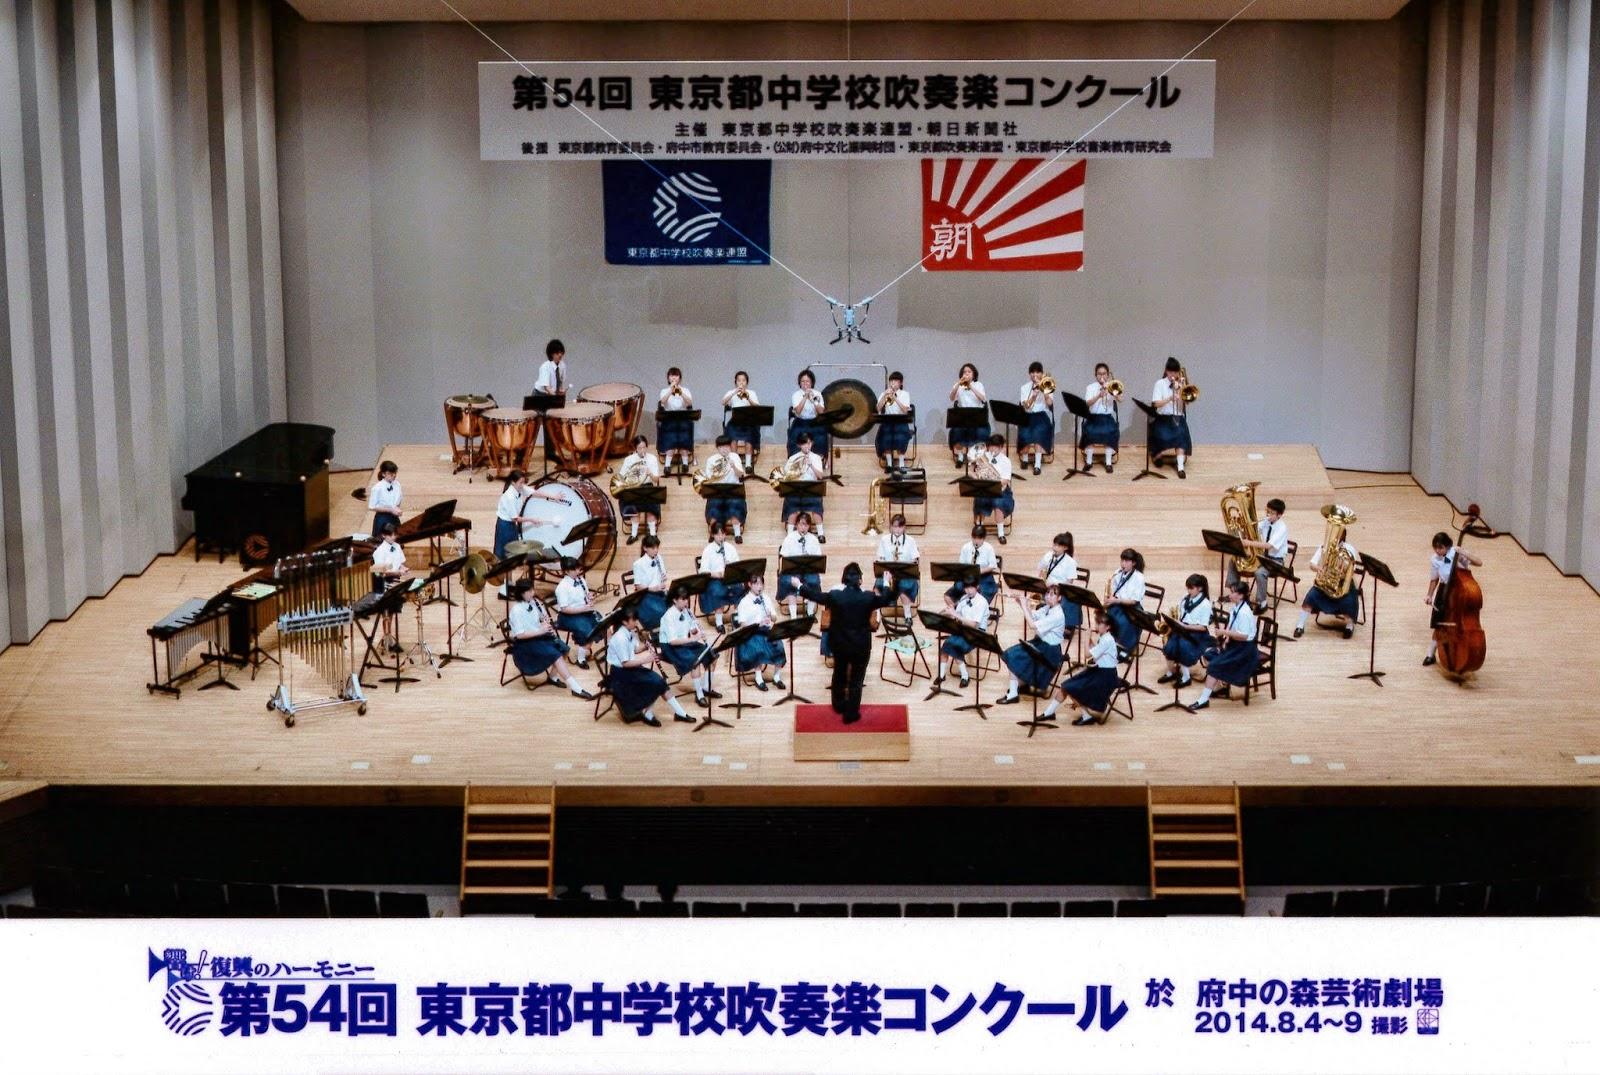 東京 都 中学校 吹奏楽 コンクール